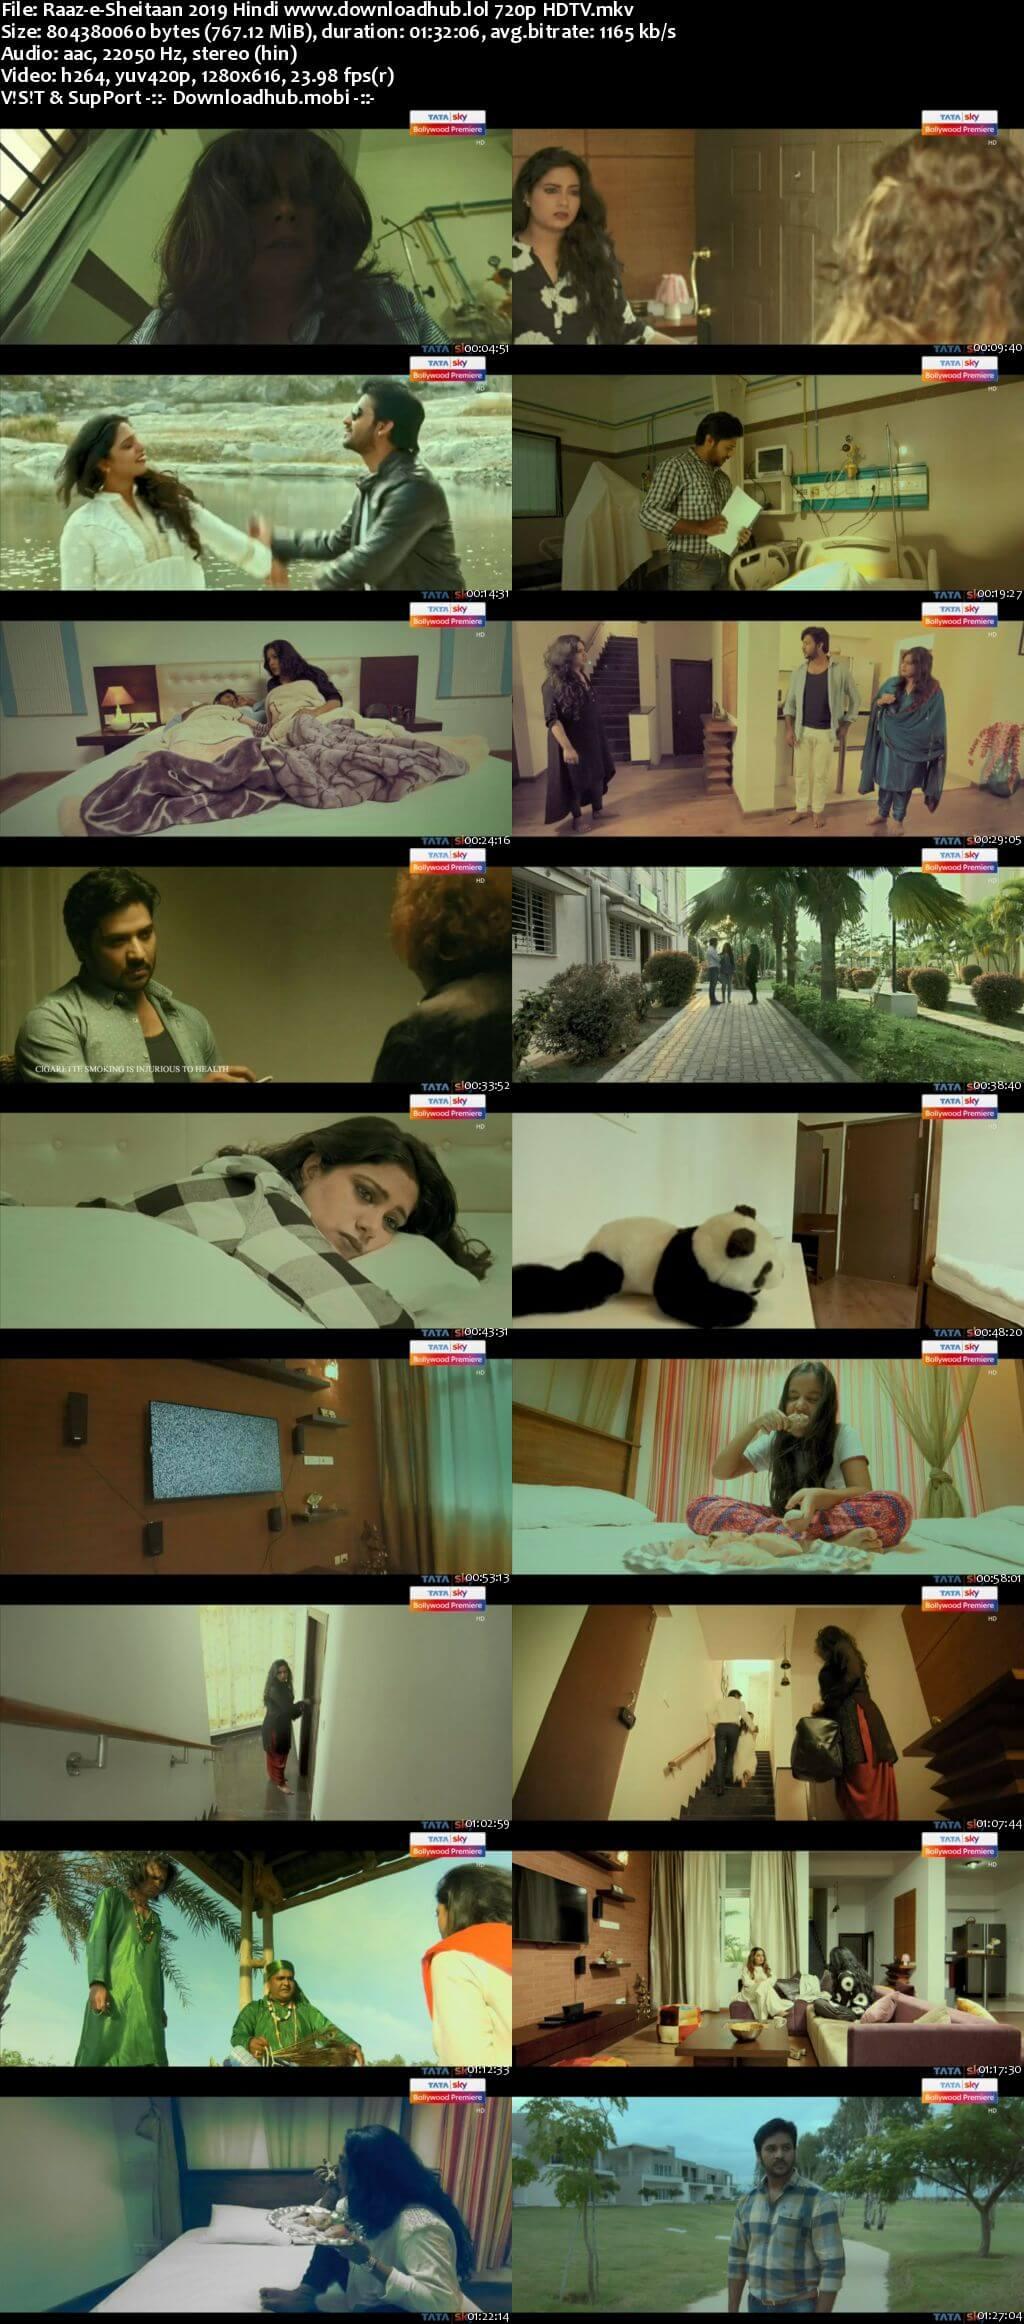 Raaz-e-Sheitaan 2019 Hindi 720p HDTV x264